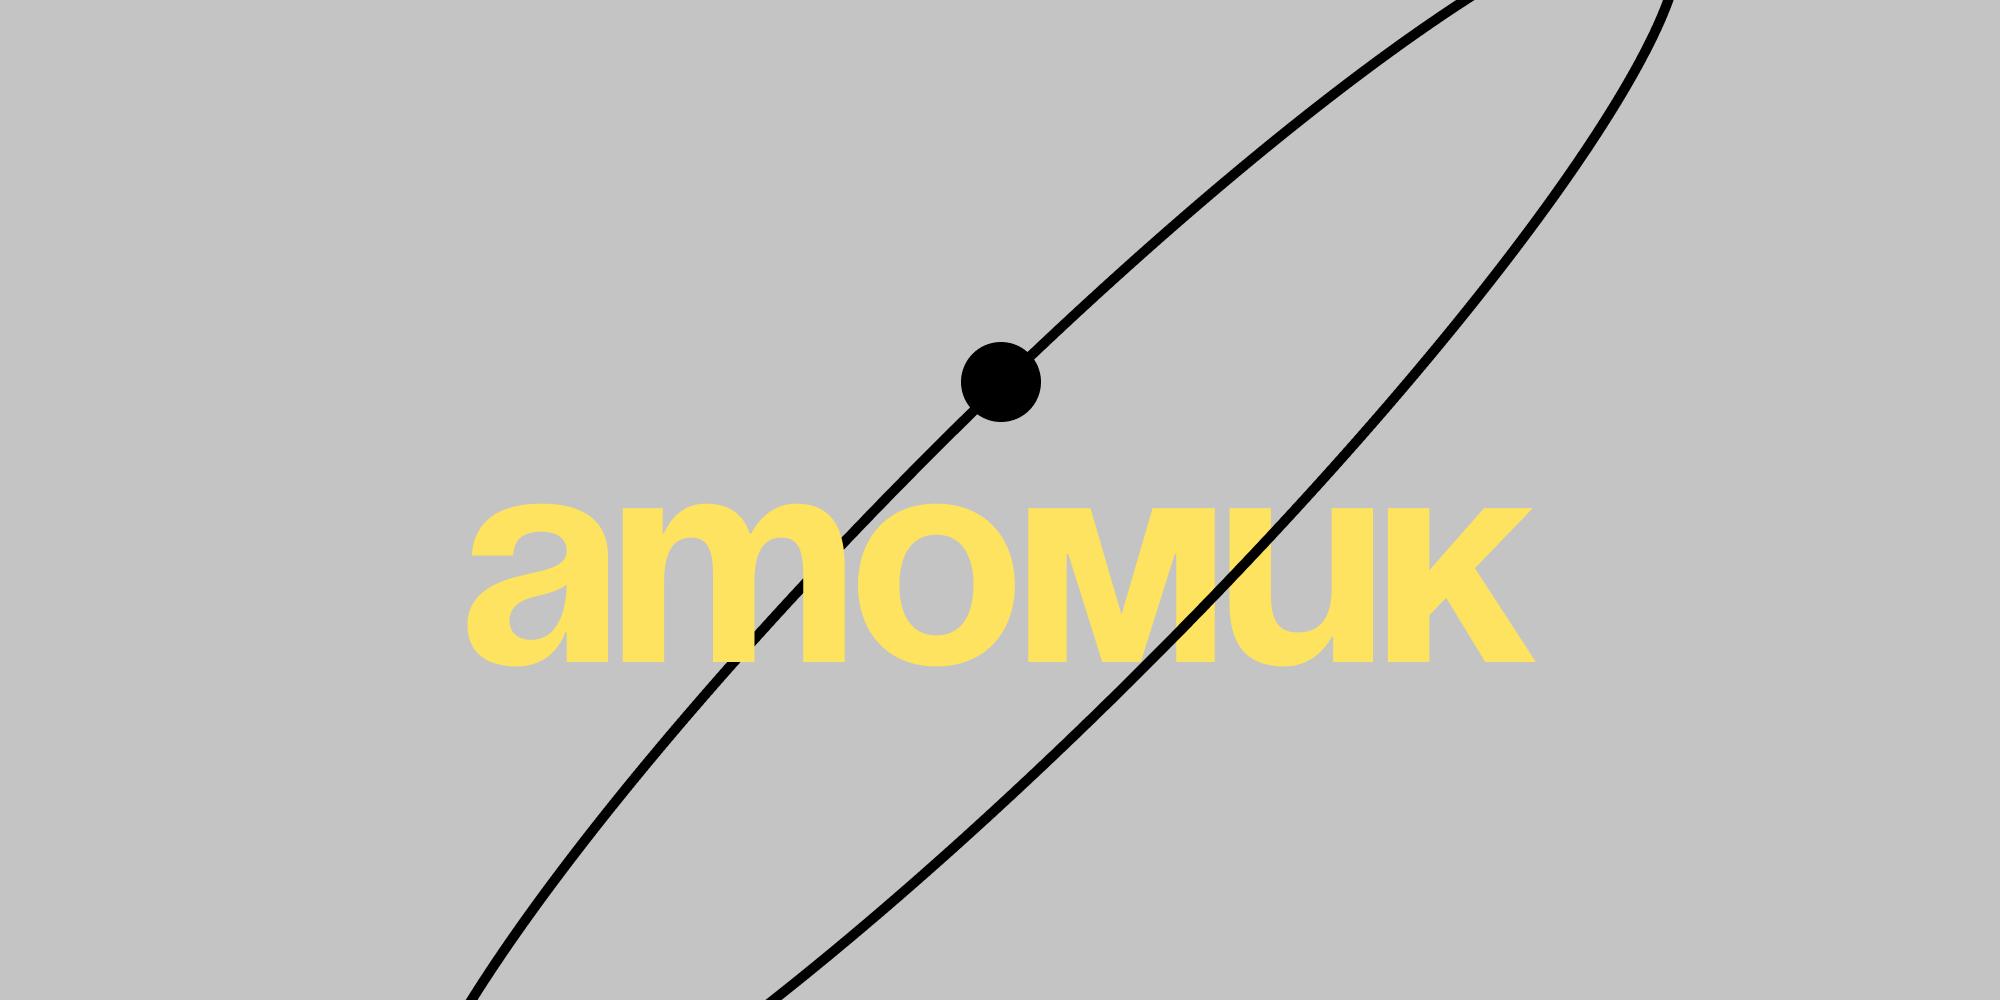 Атомик дизайн-митап — буквы, цвета, форма, команда и деньги - 1